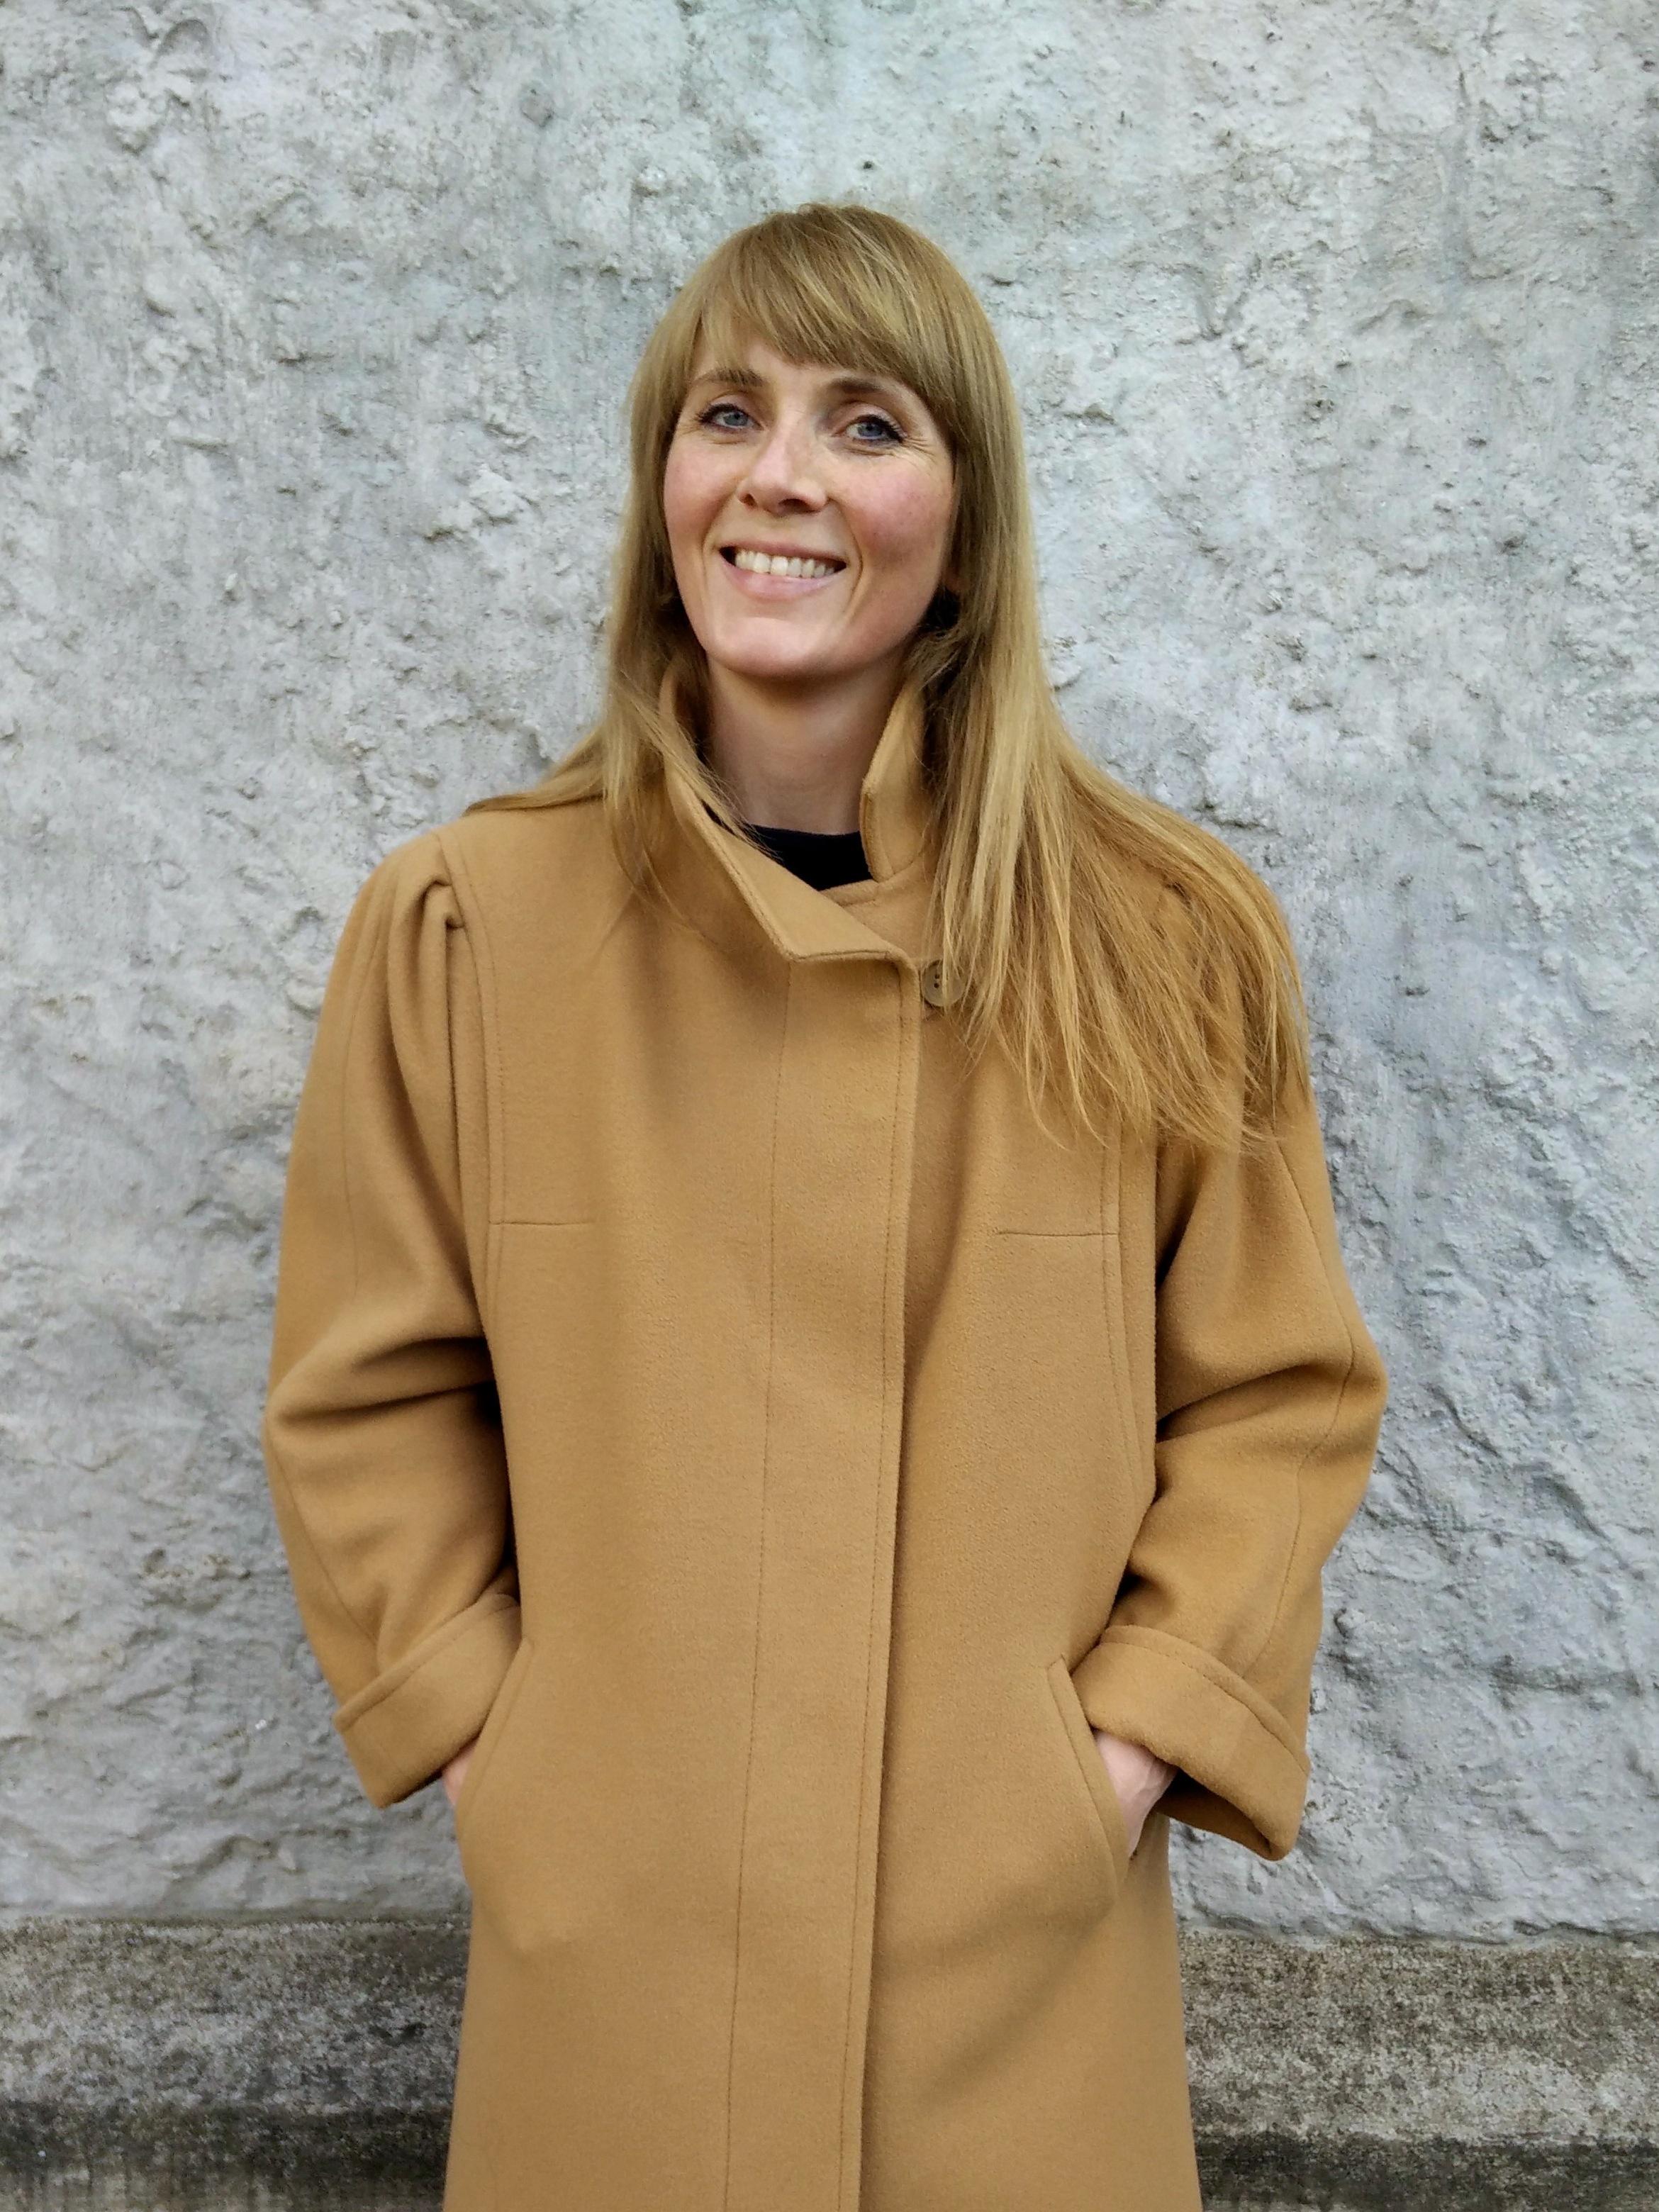 ÞÓRANNA BJÖRNSDÓTTIR INNSETNING // THÓRANNA BJÖRNSDÓTTIR INSTALLATION   18.00 - 22.00 Norðurbryggja, Harpa